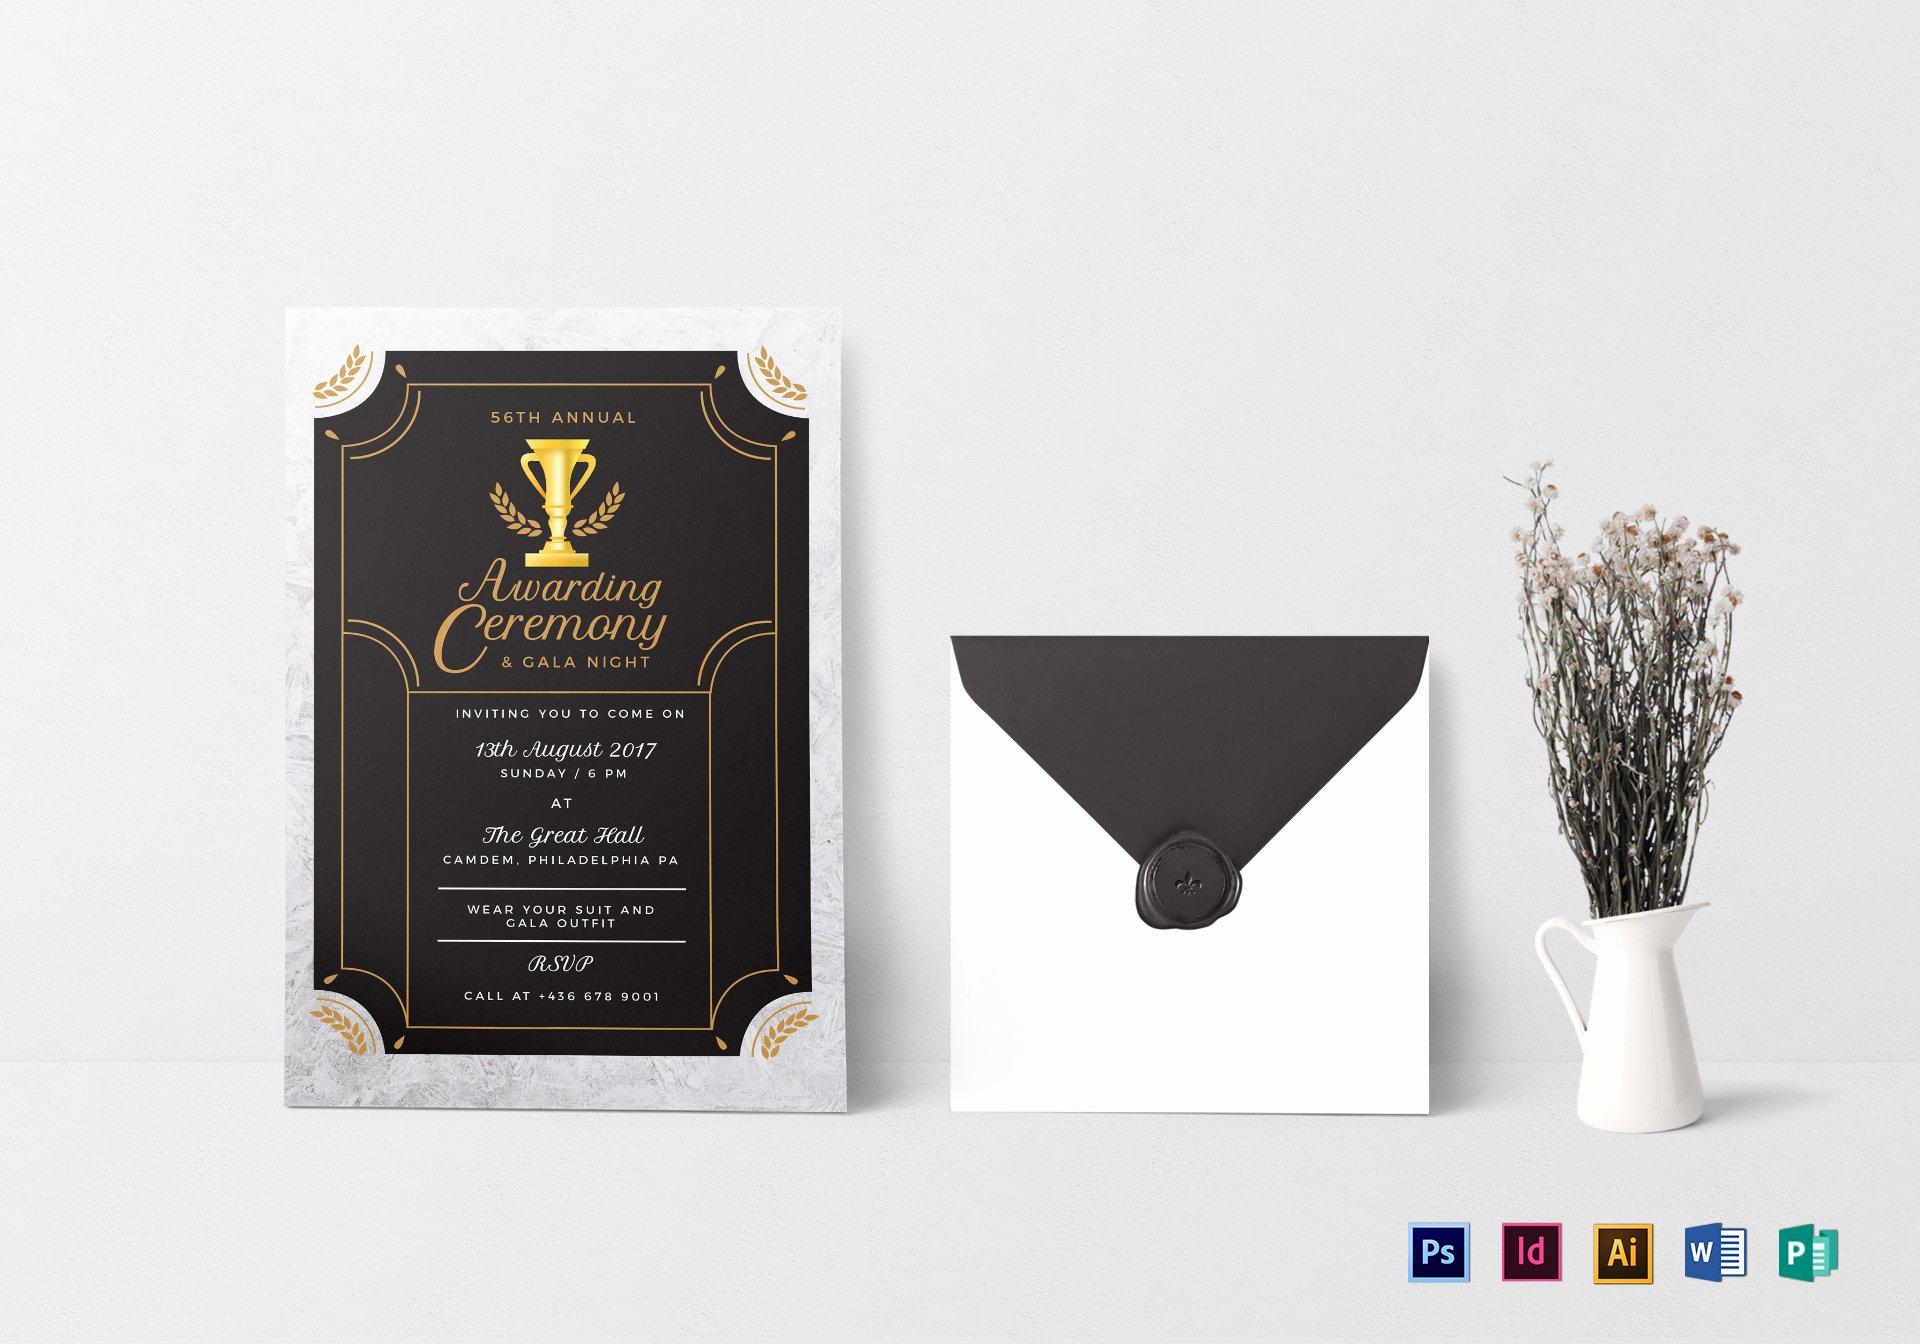 Annual Award Ceremony Invitation Design Template In Psd